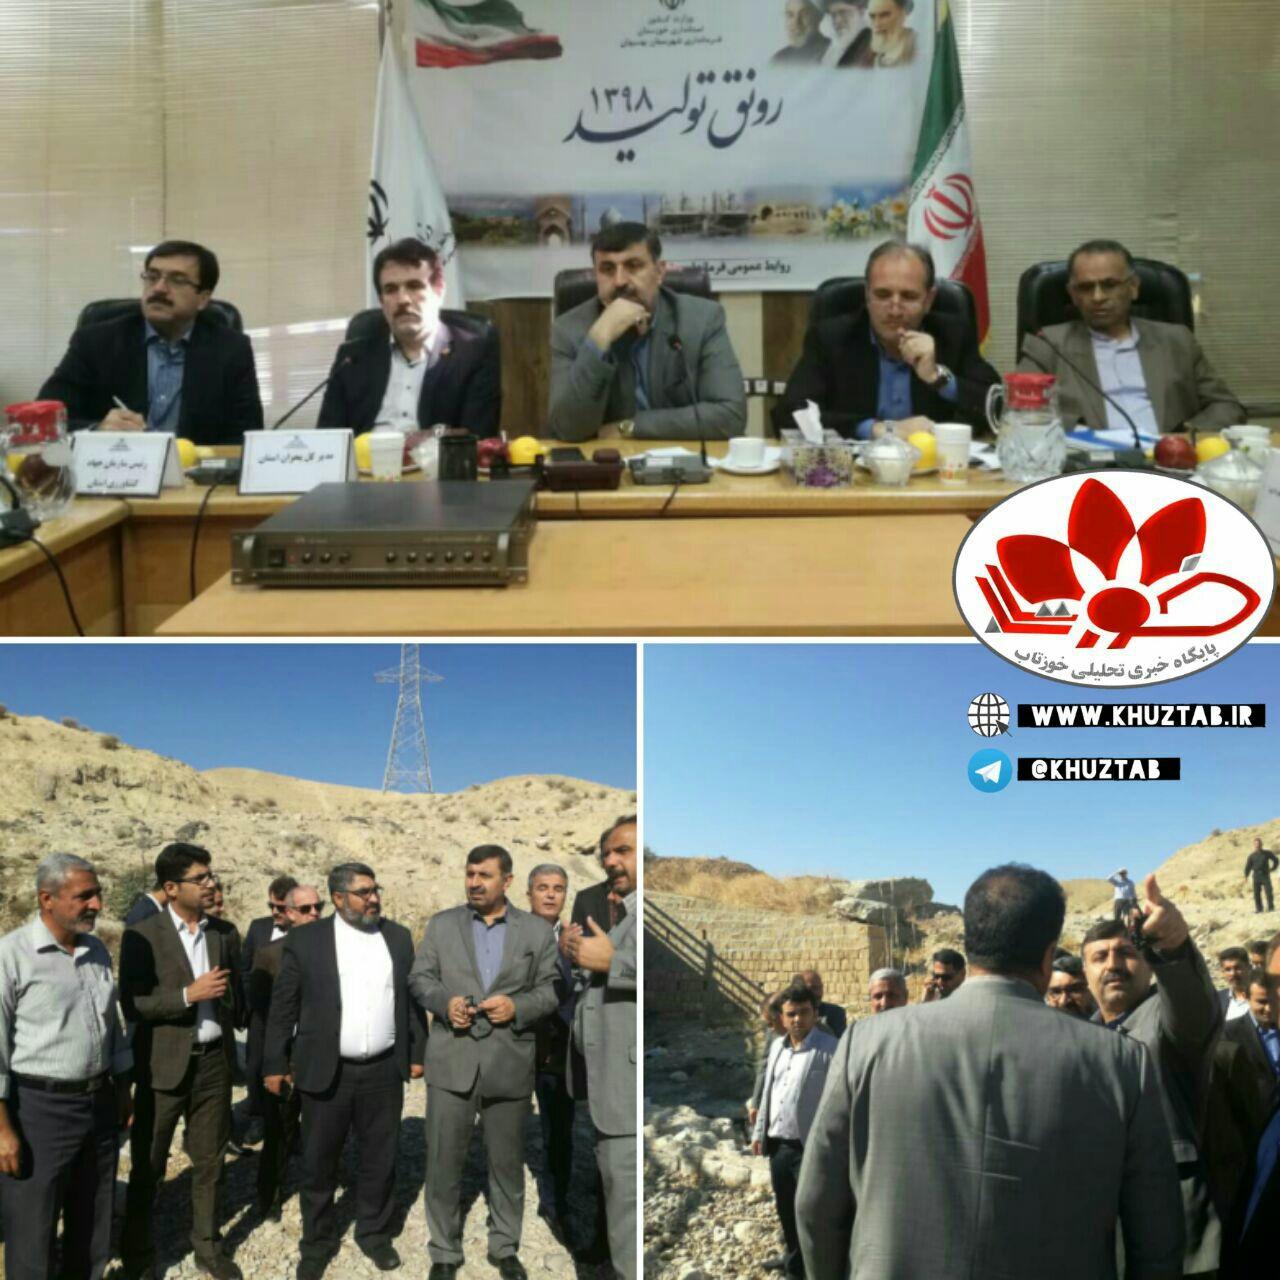 IMG 20191112 203347 250 متعرضان به حریم رودخانهها ۶ ماه تا سه سال حبس میشوند/منتقدان منصف، مدیریت خوزستان را در شرایط بحرانی ارزیابی کنند